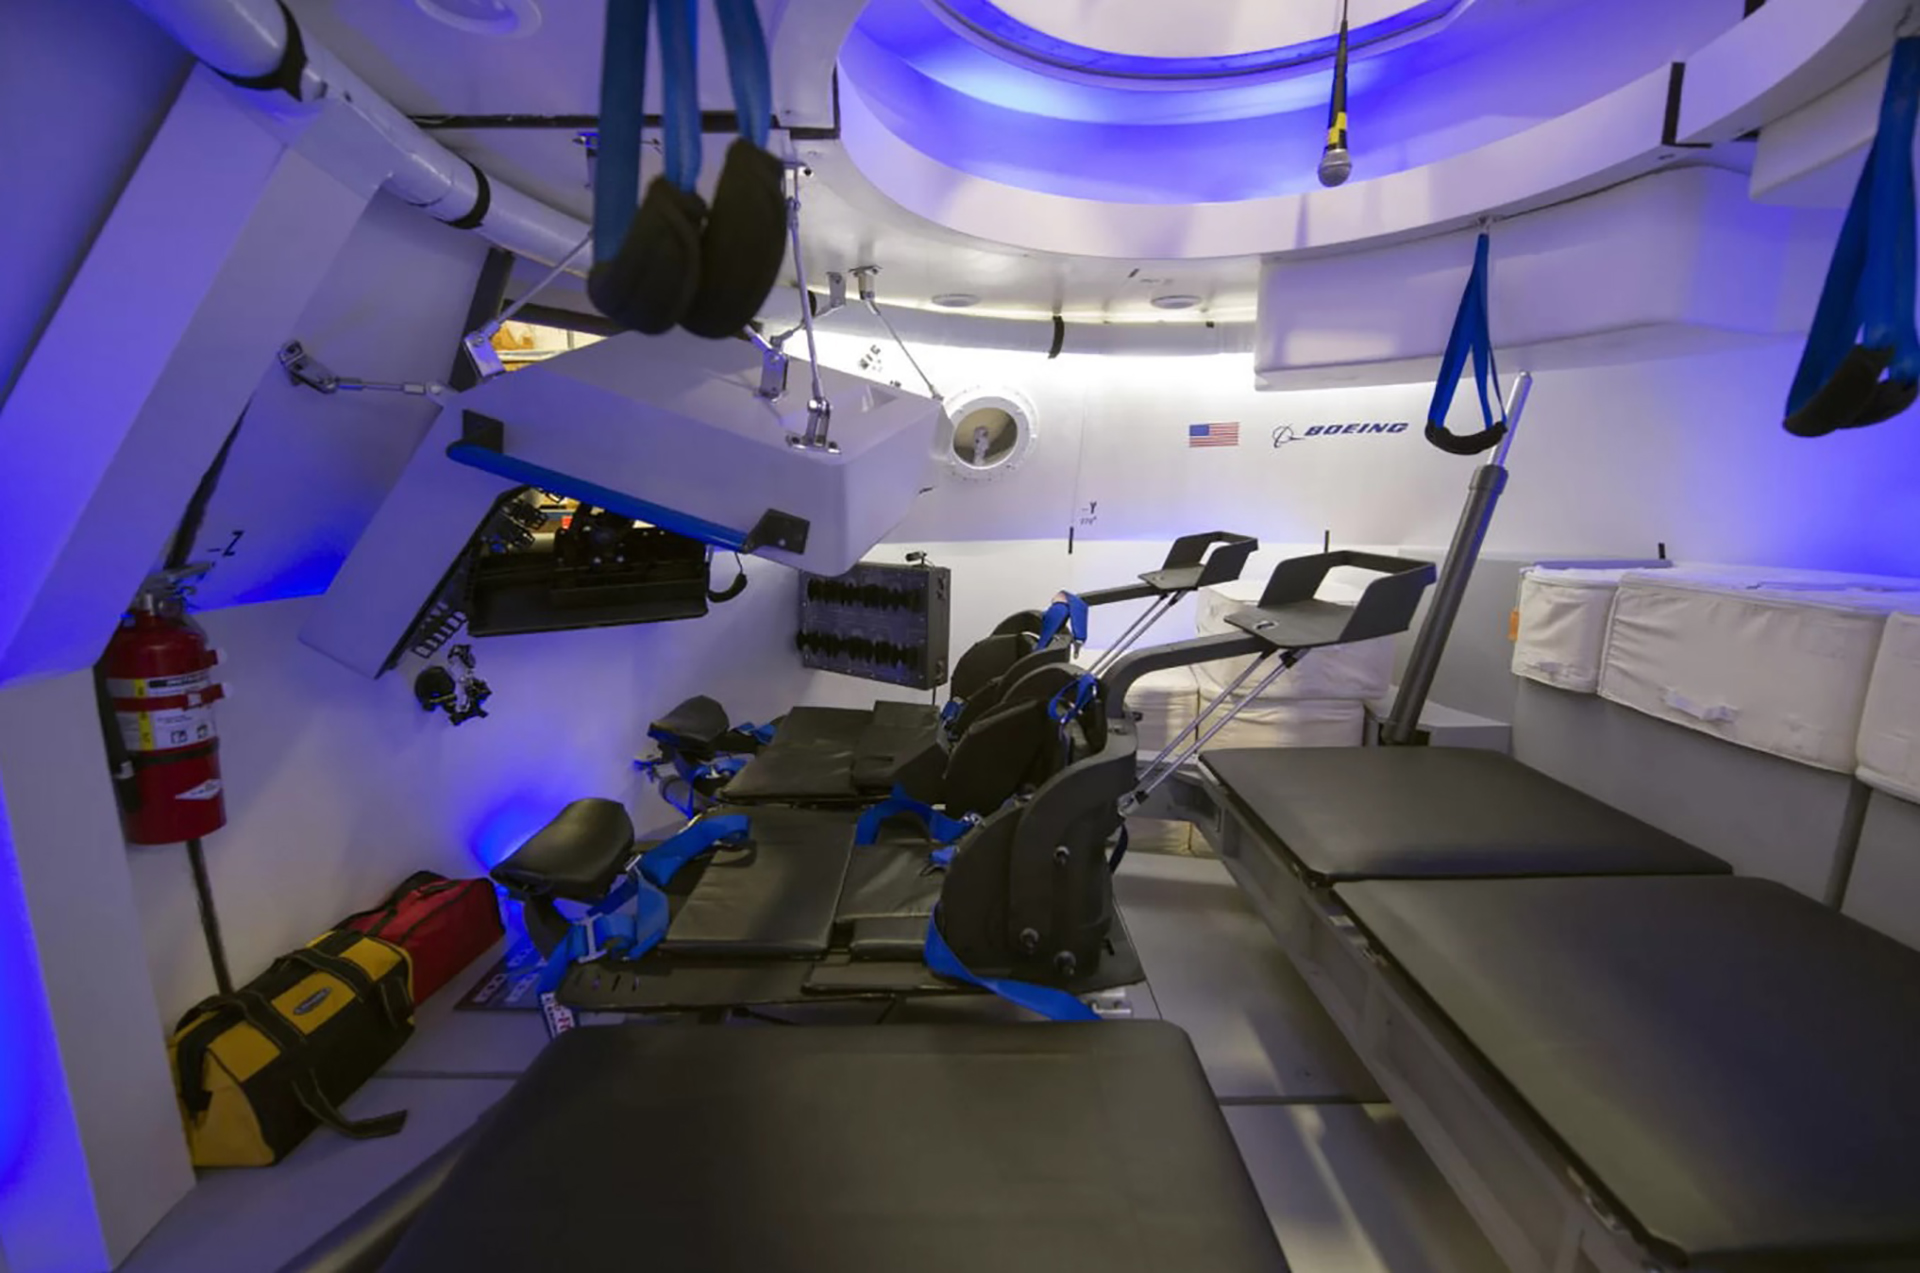 El interior comercial de Boeing de su cápsula espacial tripulada de nueva generación Crew Space Transportation (CST-100), que muestra cómo personas que no sean astronautas de la NASA algún día pueden viajar al espacio